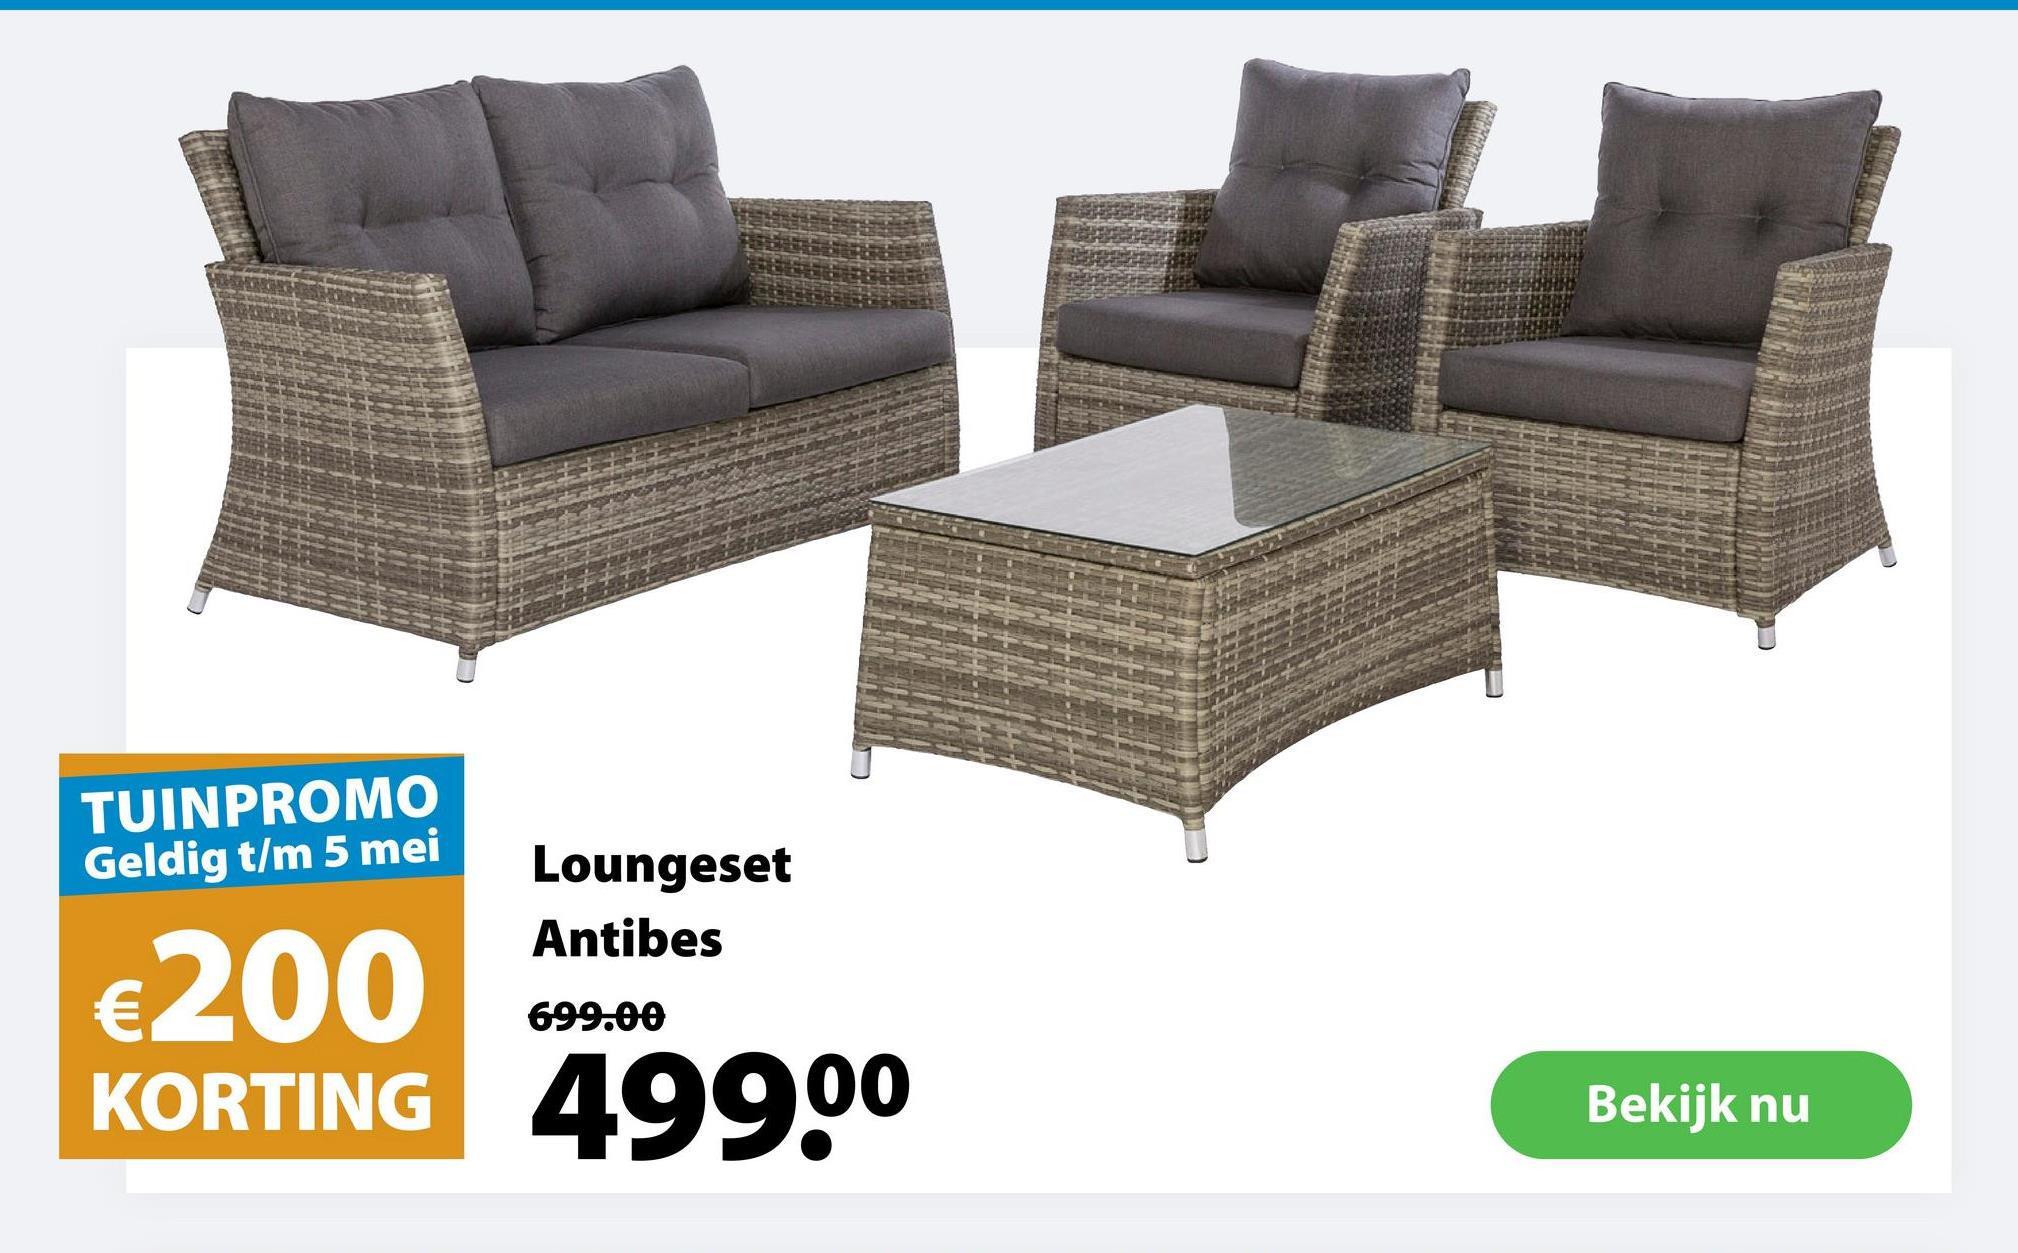 Loungeset Antibes De loungeset Antibes is een klassieke loungeset voor 4 personen gemaakt uit wicker in de kleur grijs. De set bestaat uit 1 zitbank voor 2, 2 stoelen en 1 lage tafel met een elegant tafelblad uit veiligheidsglas. Zowel de zitbank als de stoelen hebben een hoge rugleuning en worden geleverd met grijze rugkussens en zitkussens voor extra comfort. Deze tuinmeubelset is ideaal voor wie comfortabel van de zon, een hapje, een drankje, een boek ... en elkaar wil genieten. Goed om te weten: wicker is een weerbestendige gevlochten kunststof die tegen een stootje kan.